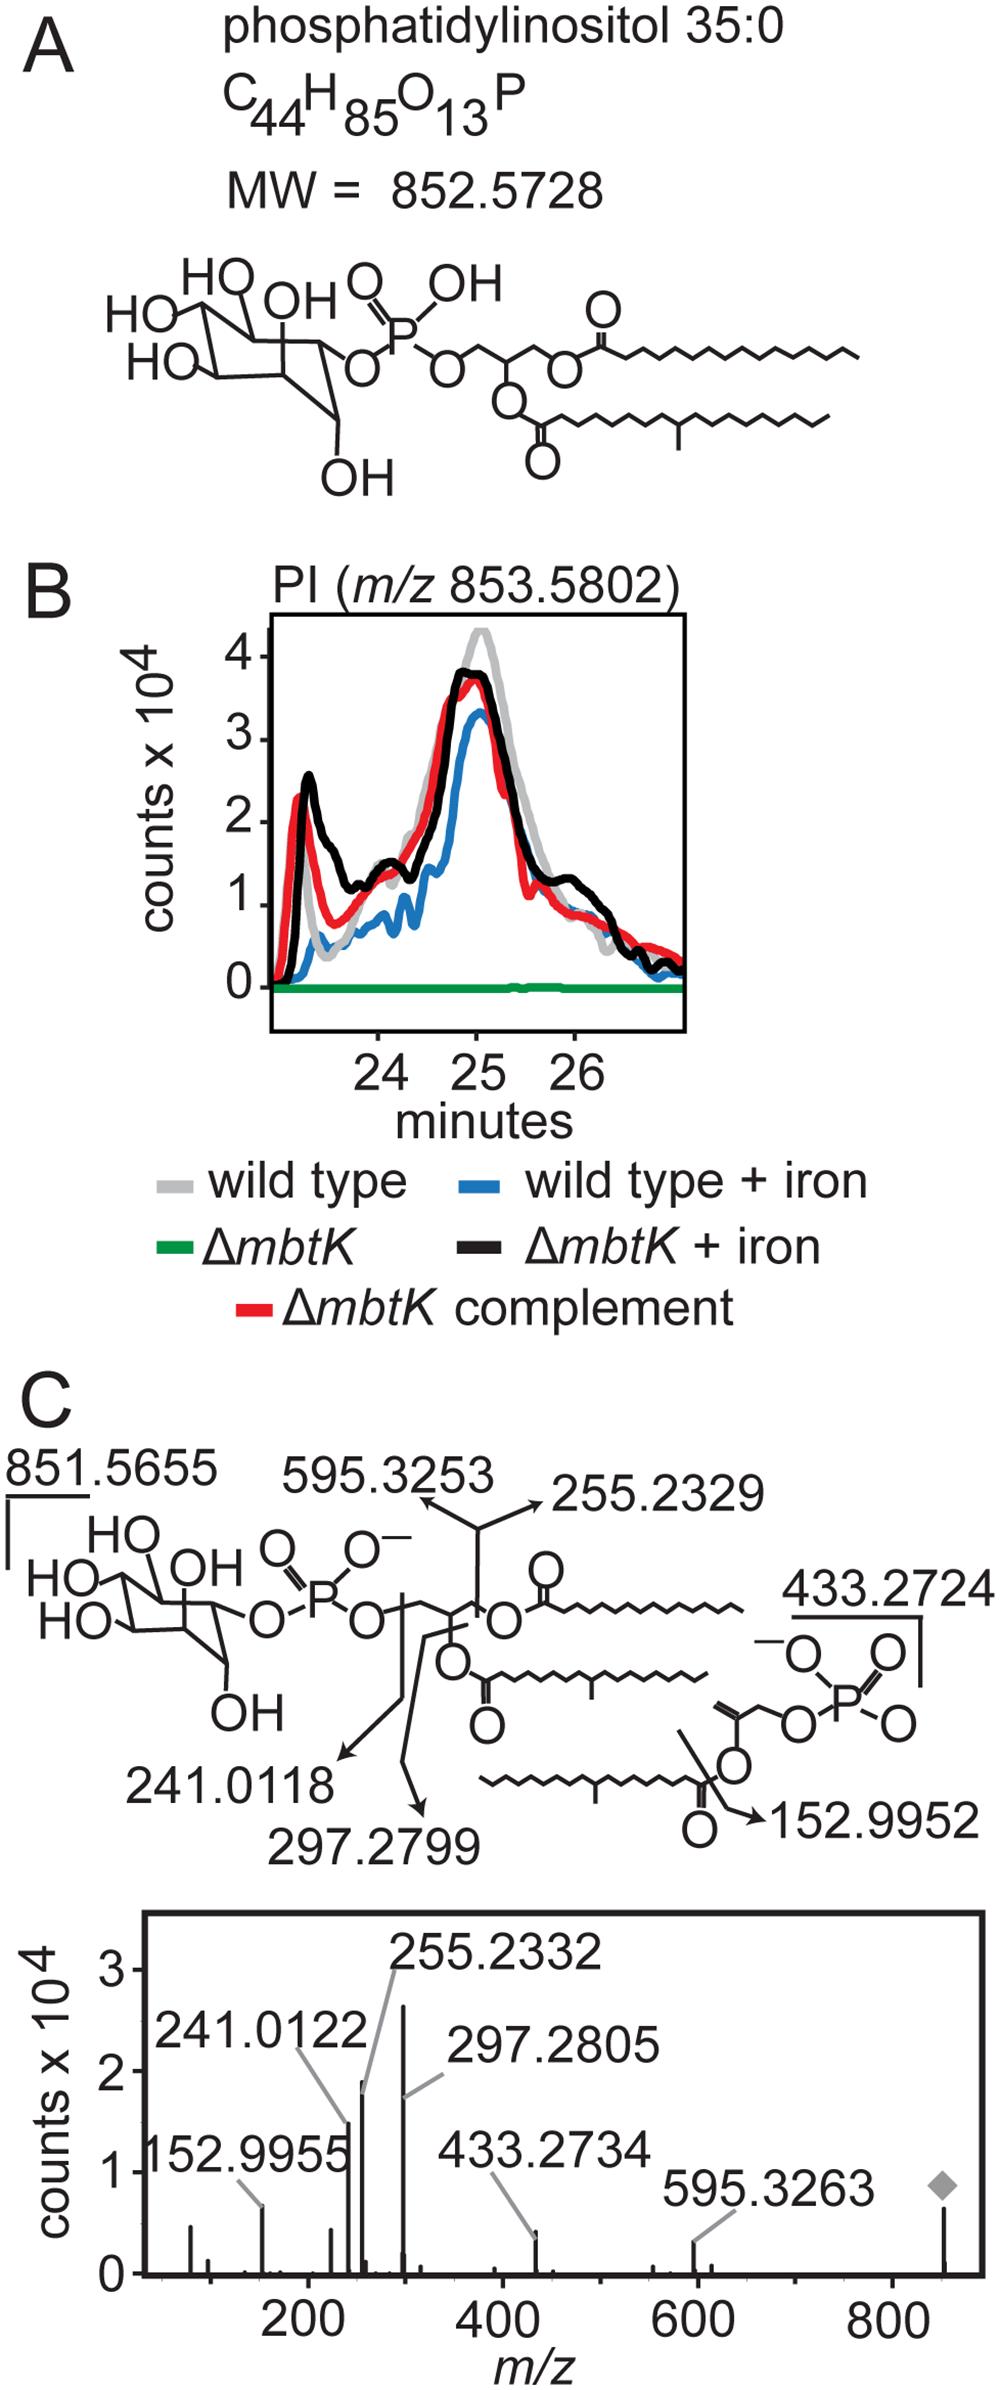 <i>mbtK</i> deletion depletes phosphatidylinositol during iron starvation.